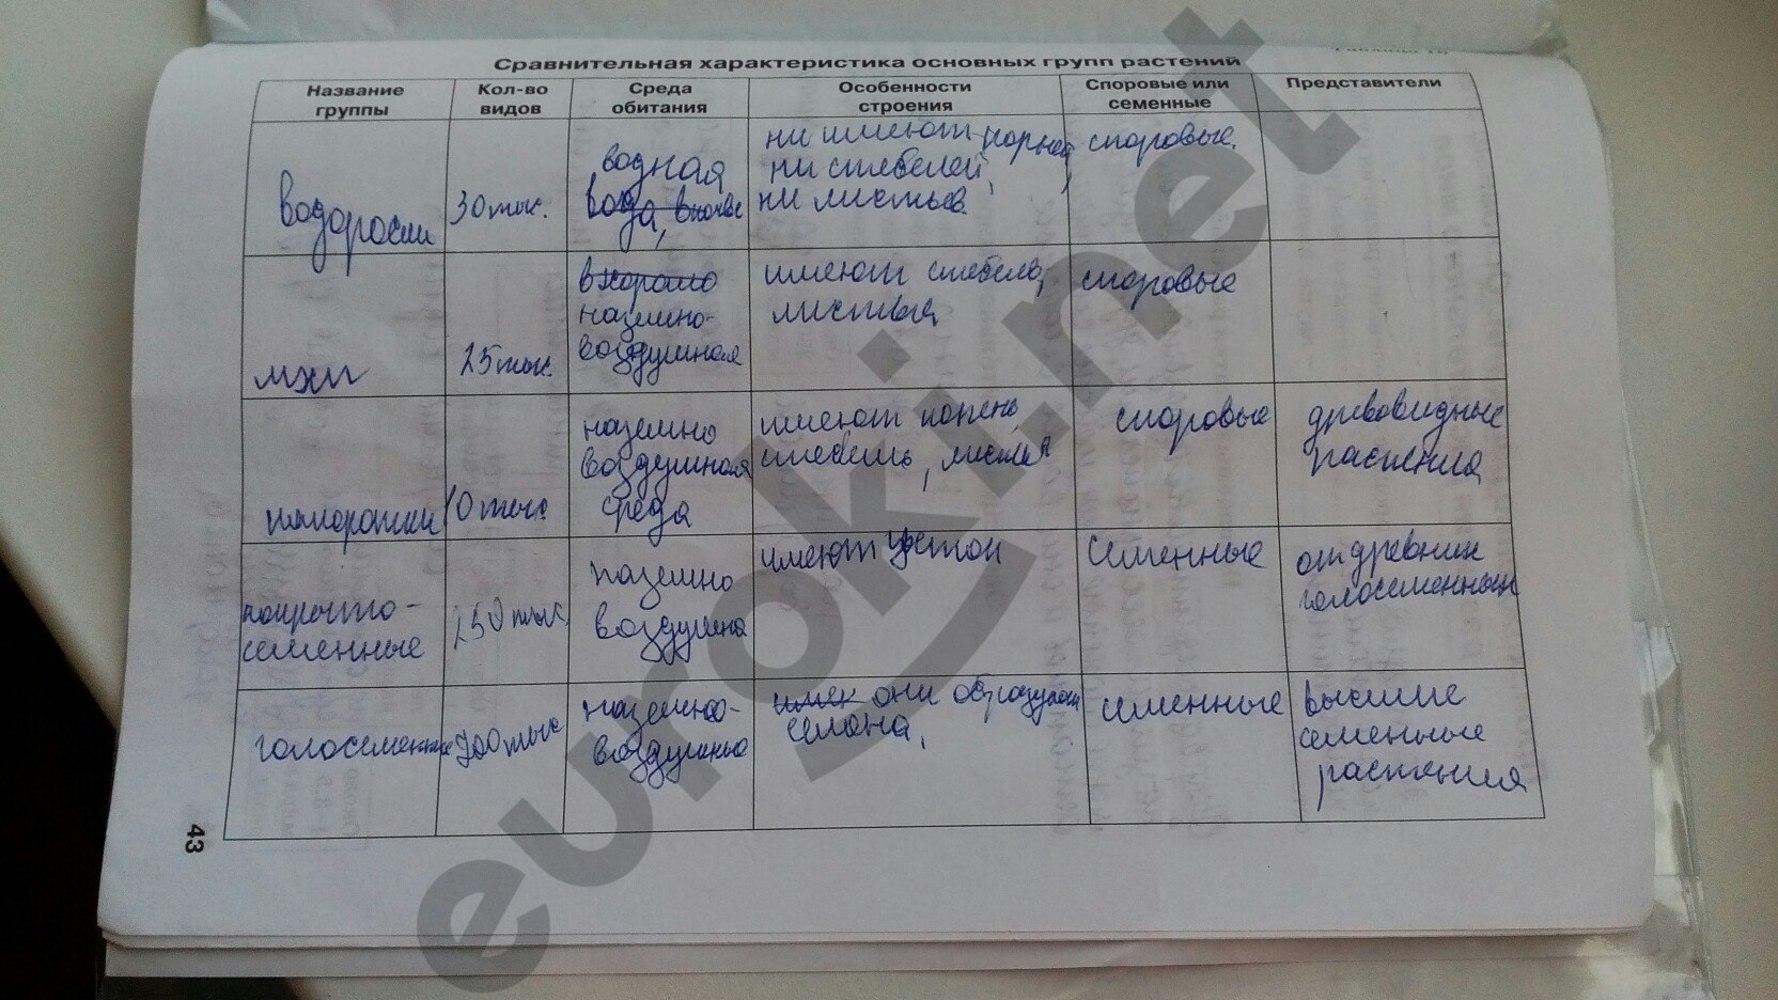 ГДЗ по биологии 5 класс рабочая тетрадь Бодрова. Задание: стр. 43